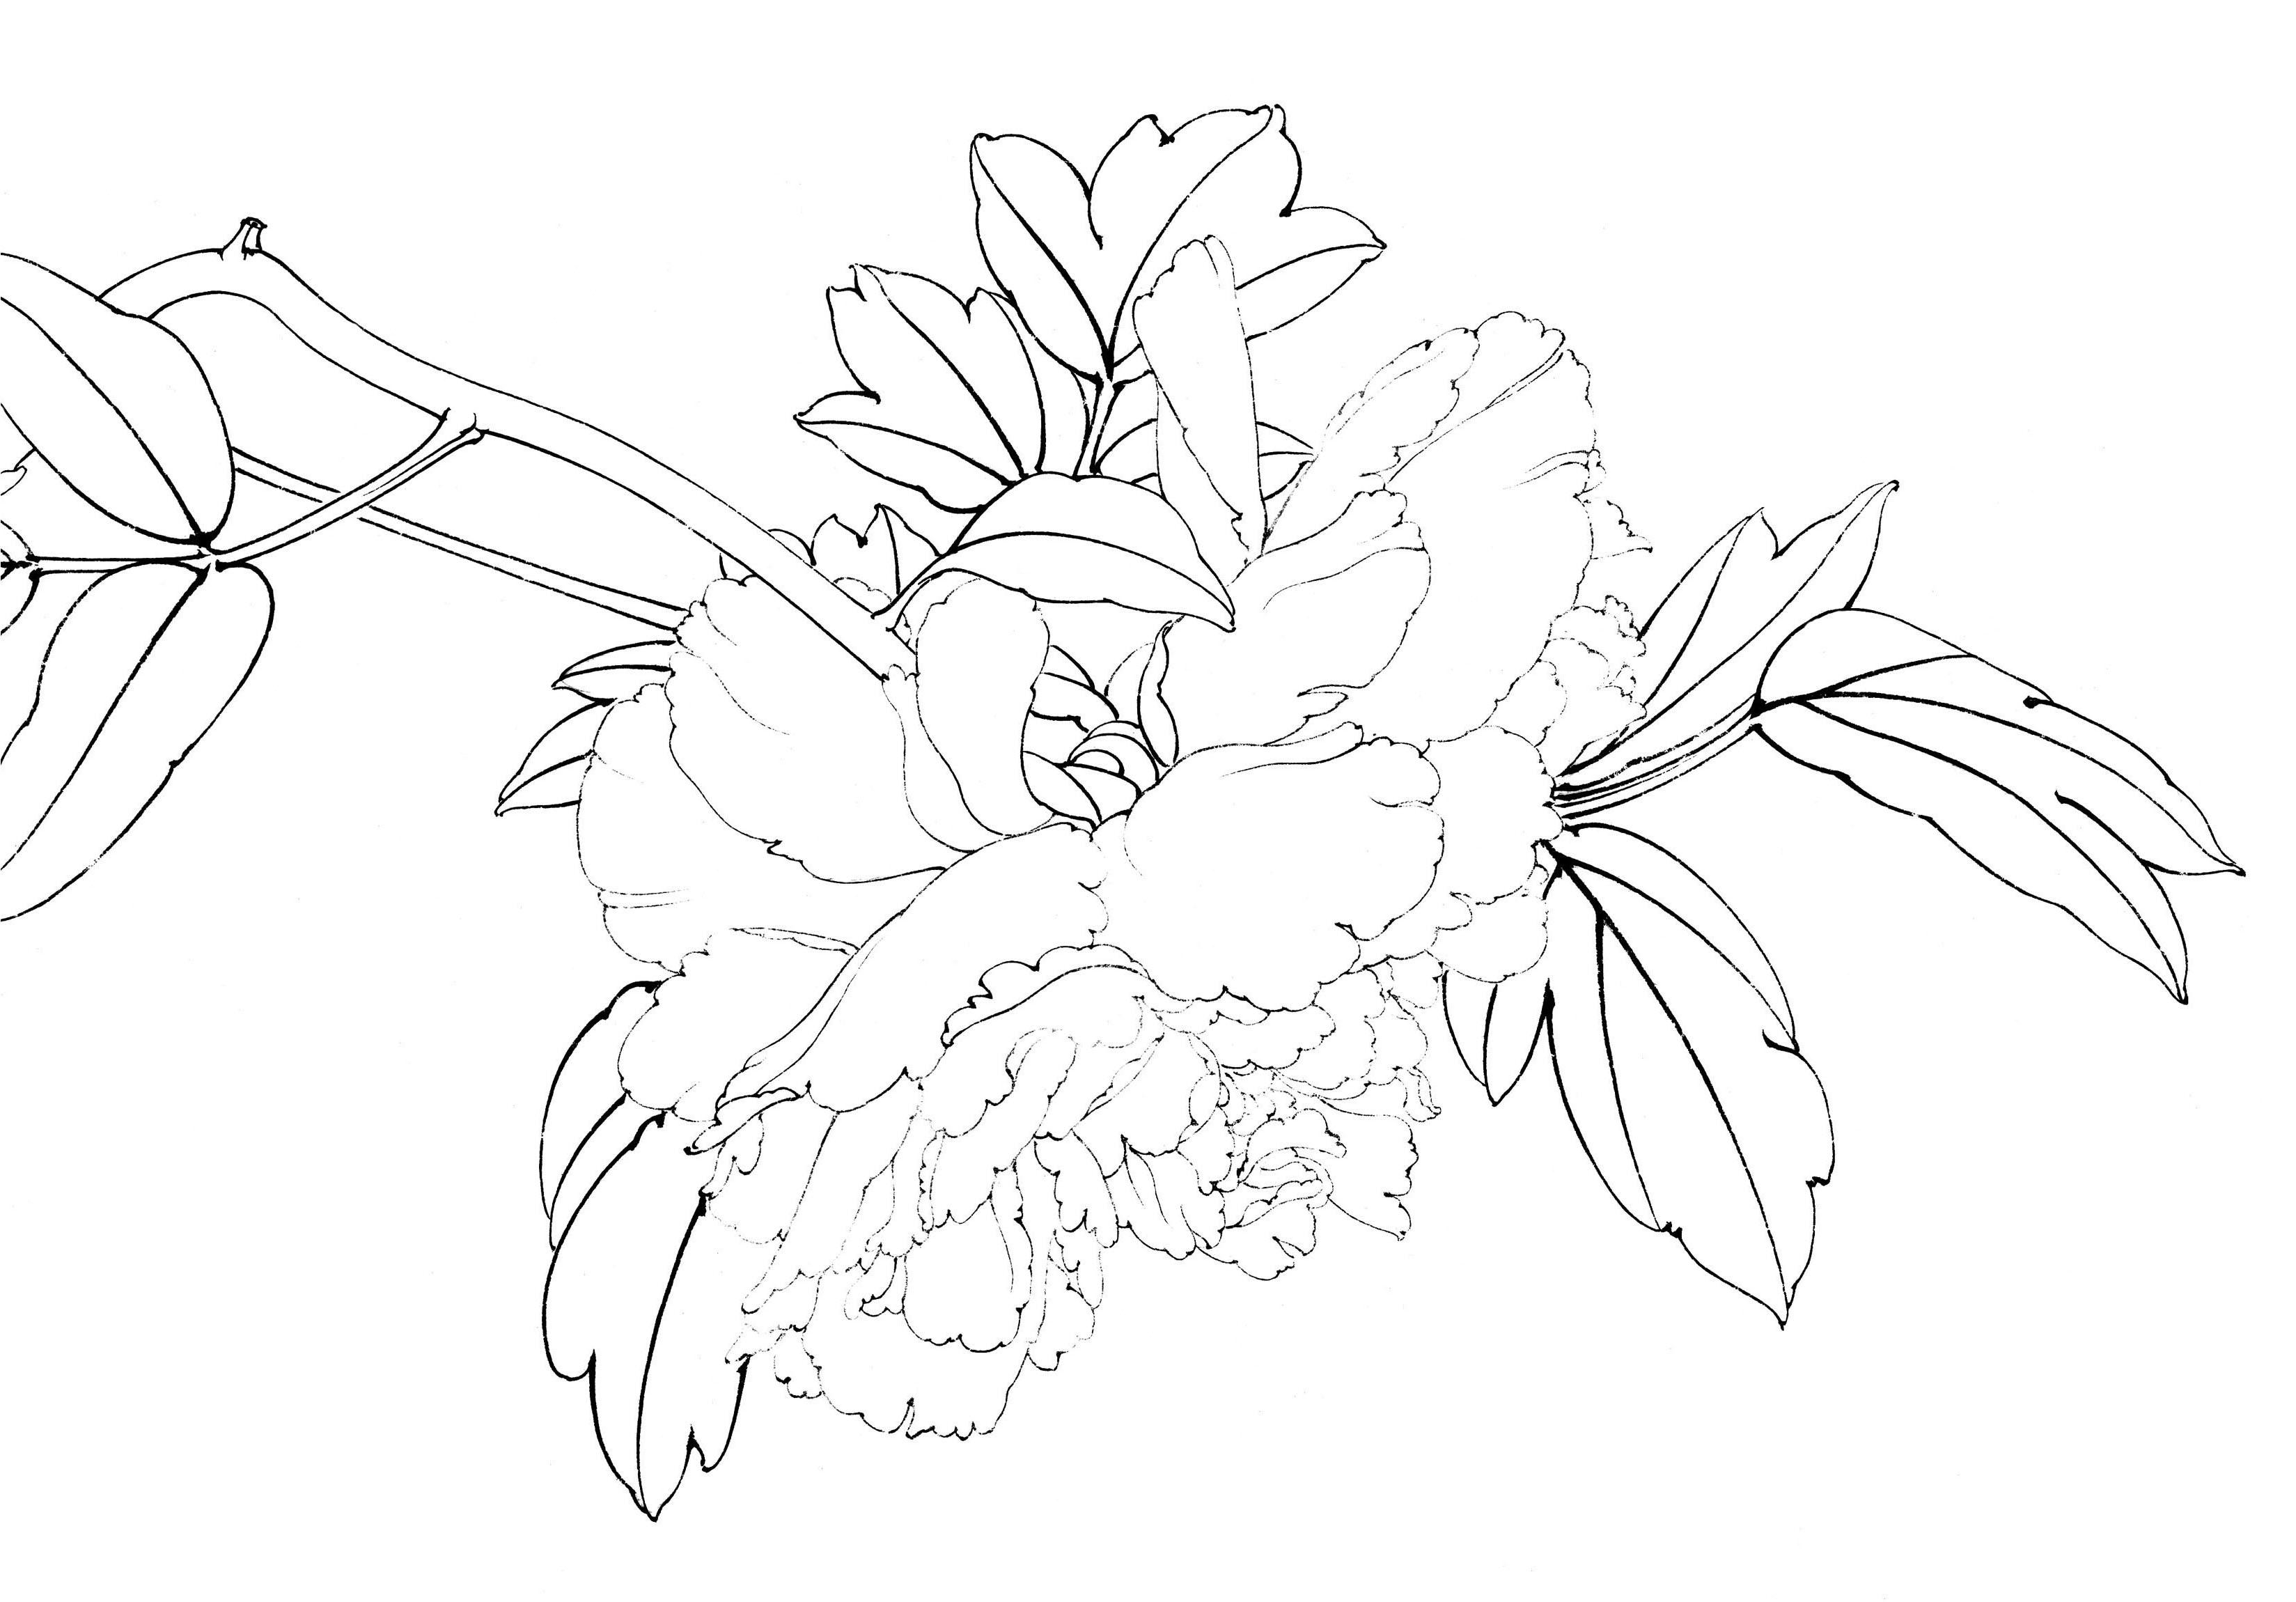 工笔白描底稿临摹练习初学入门国画水彩花鸟牡丹荷花勾线矾熟宣纸图片